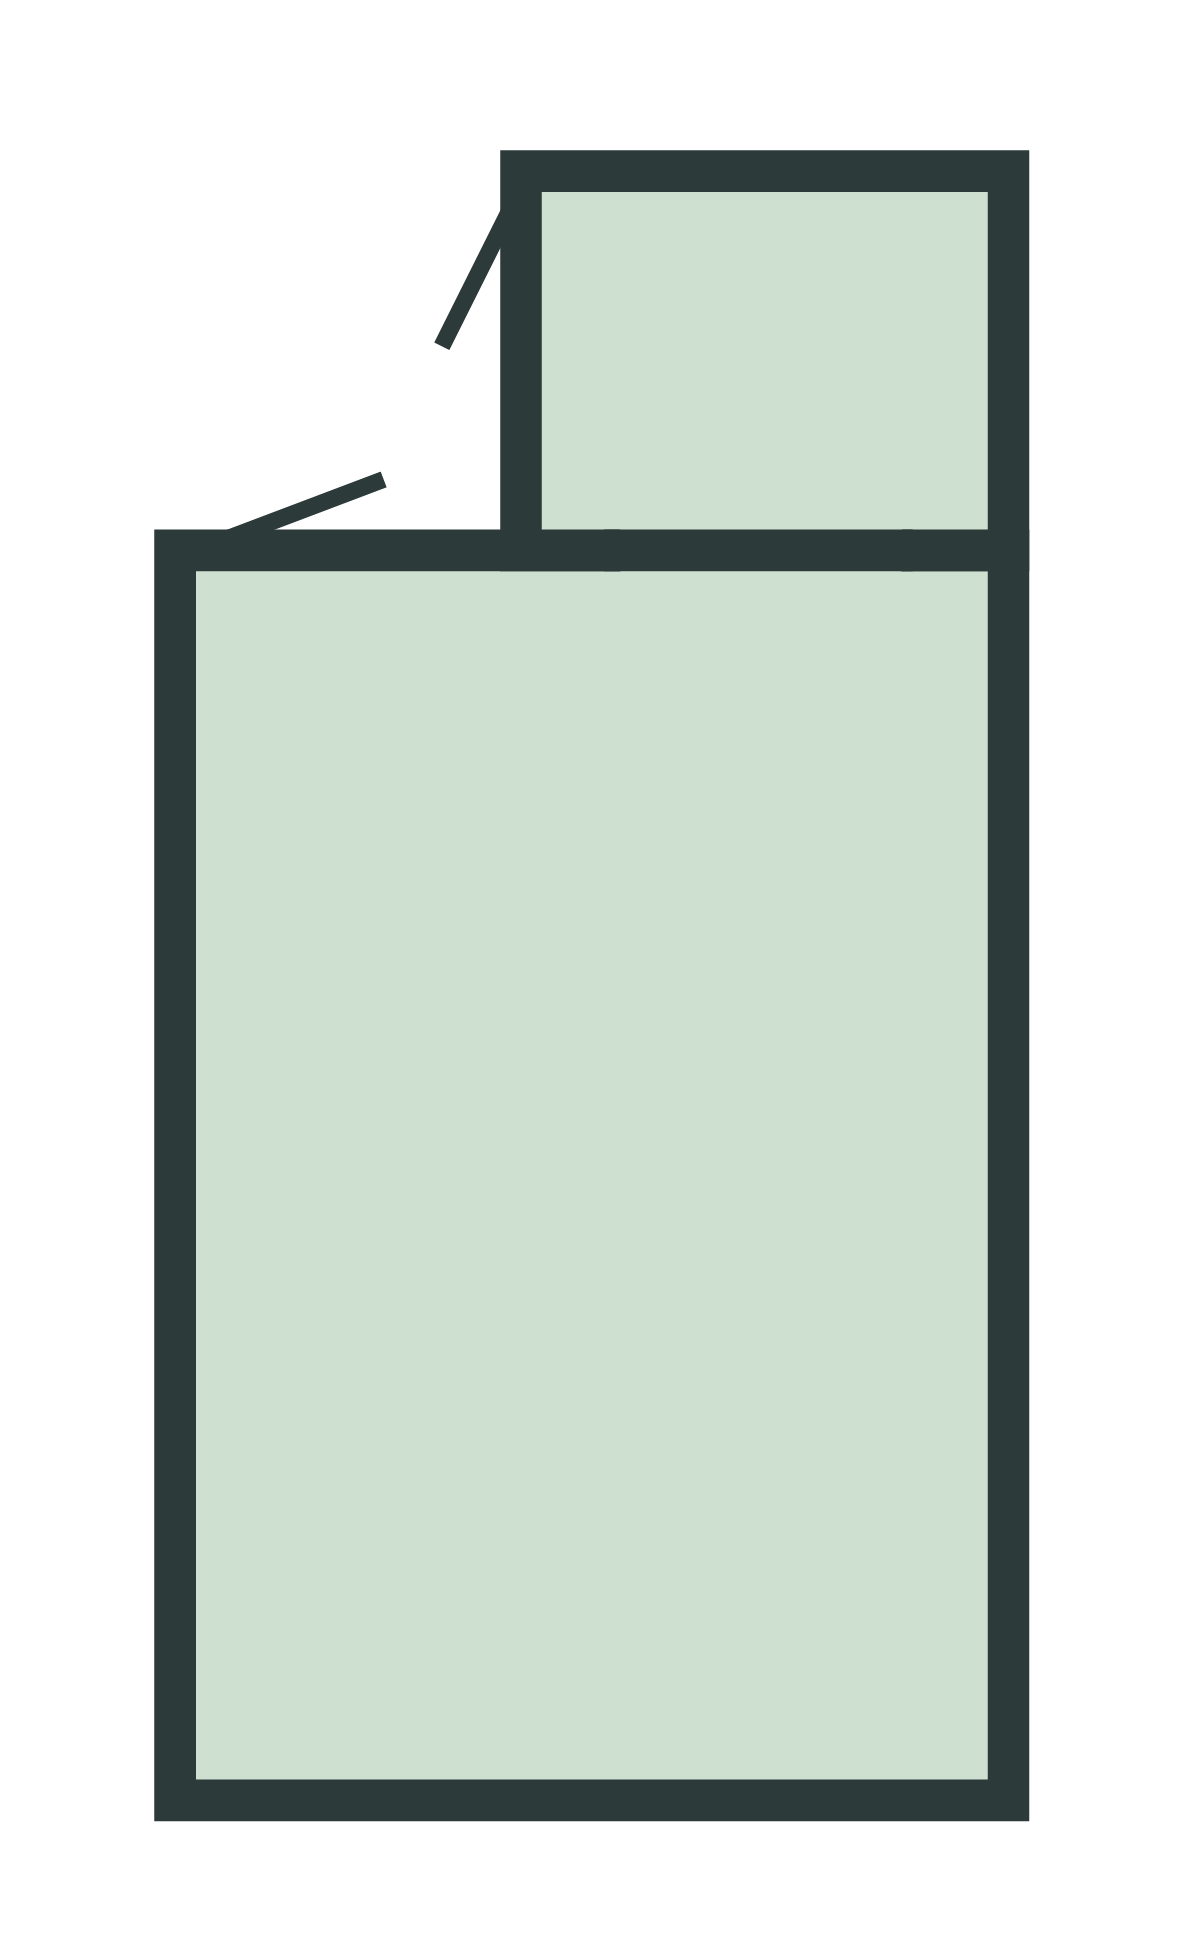 bijgebouw-schematisch